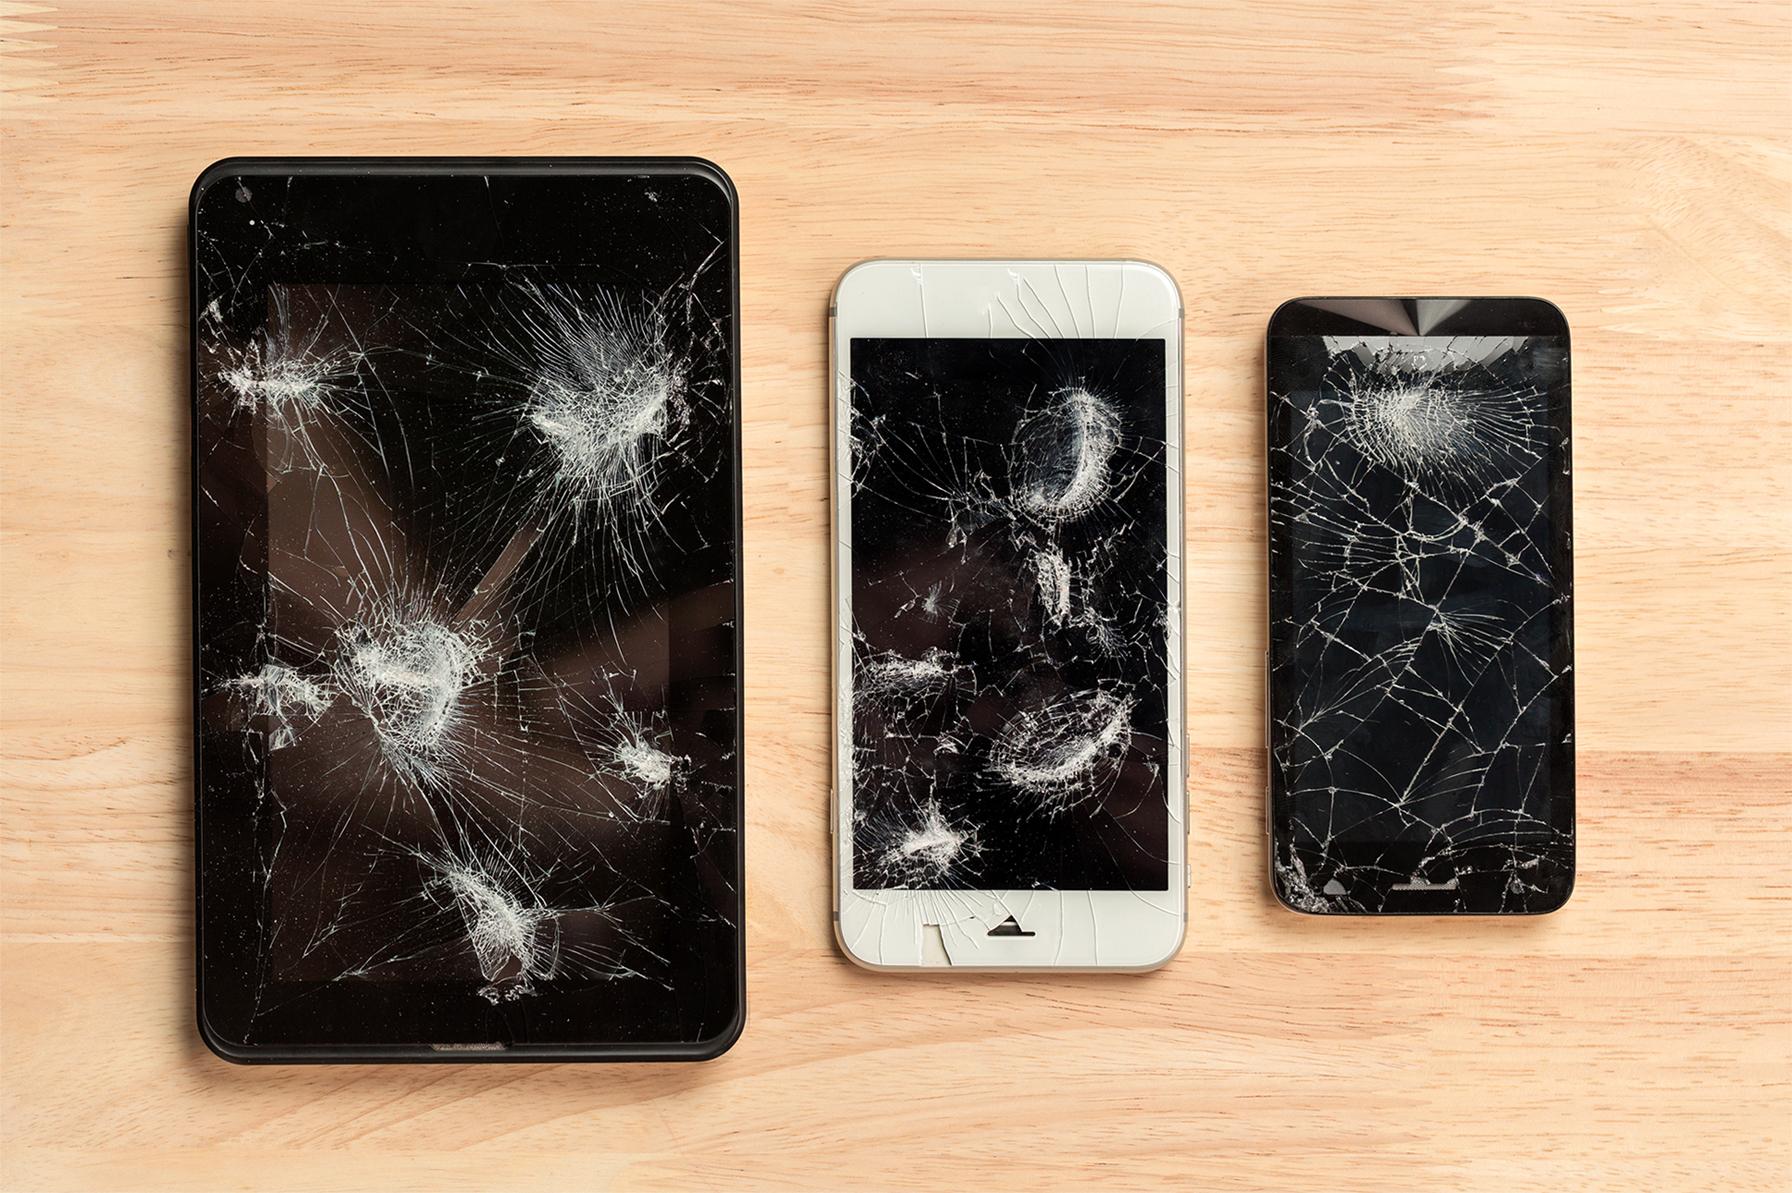 Cracked Phones